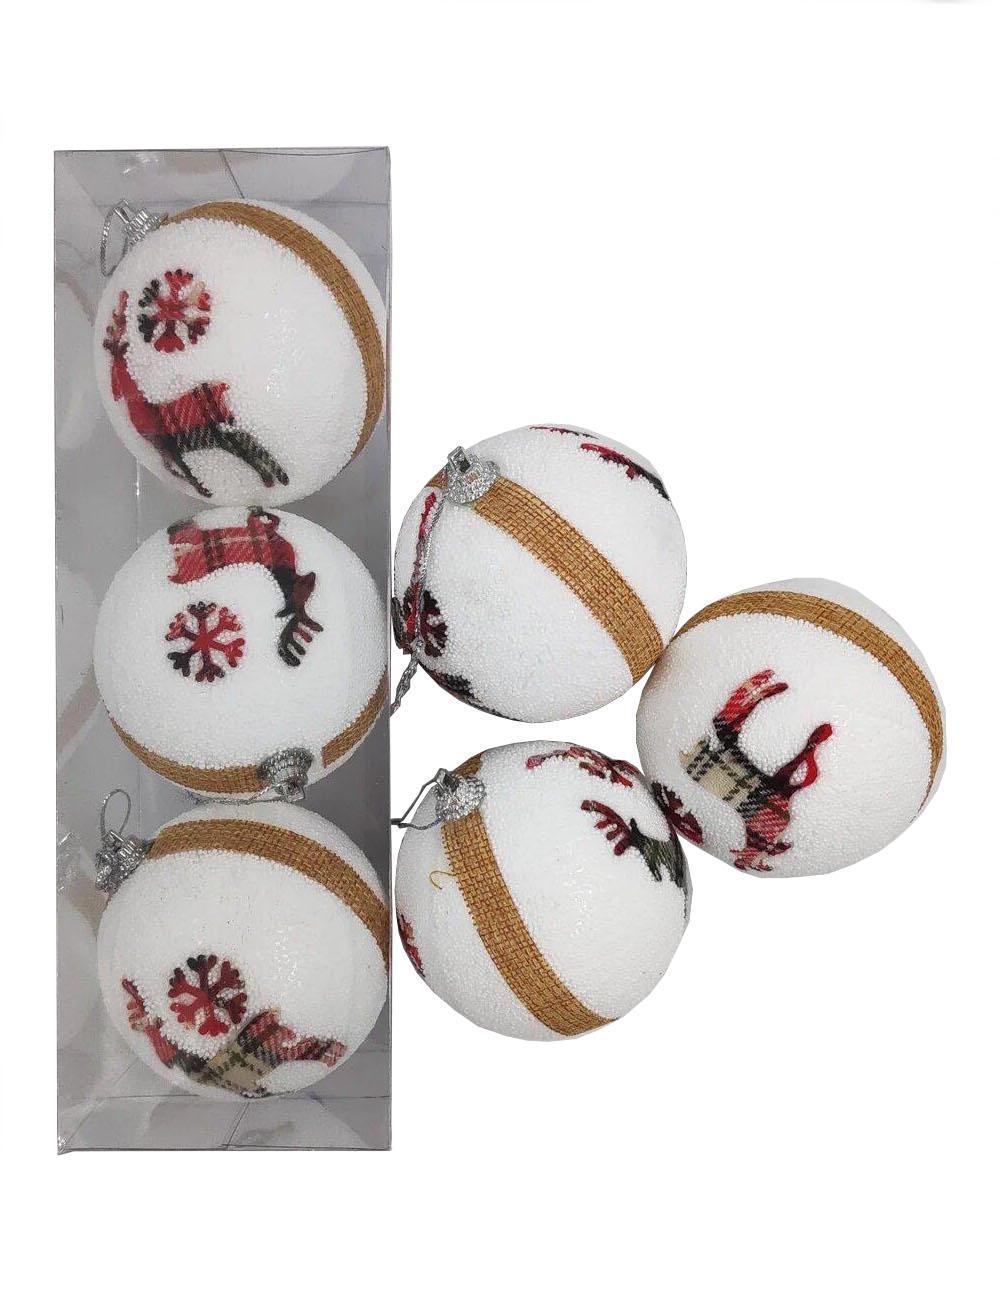 Елочные украшения Олень диаметр шара 8 см, 3 шт